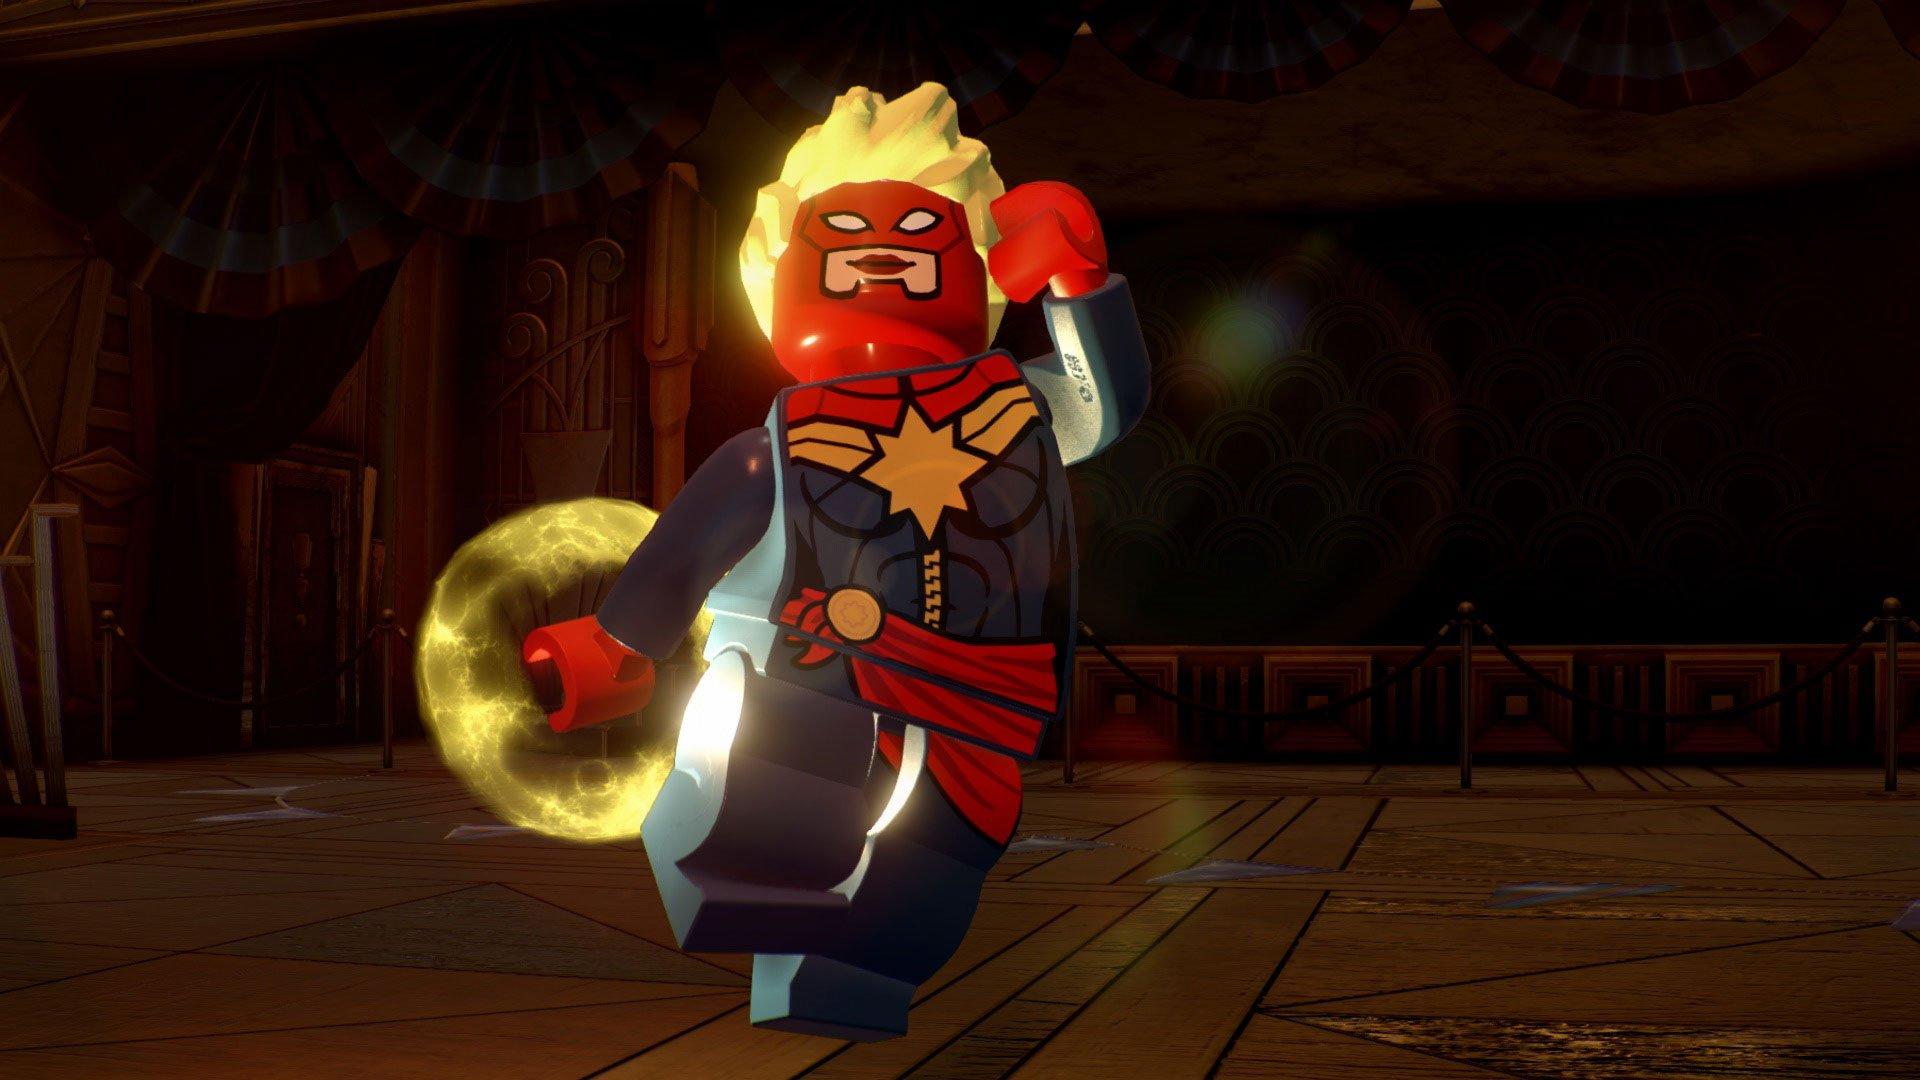 Marvel Super Heroes 60 Superhéroes: LEGO Marvel Super Heroes 2: Simpatía, Cooperativo Y Acción